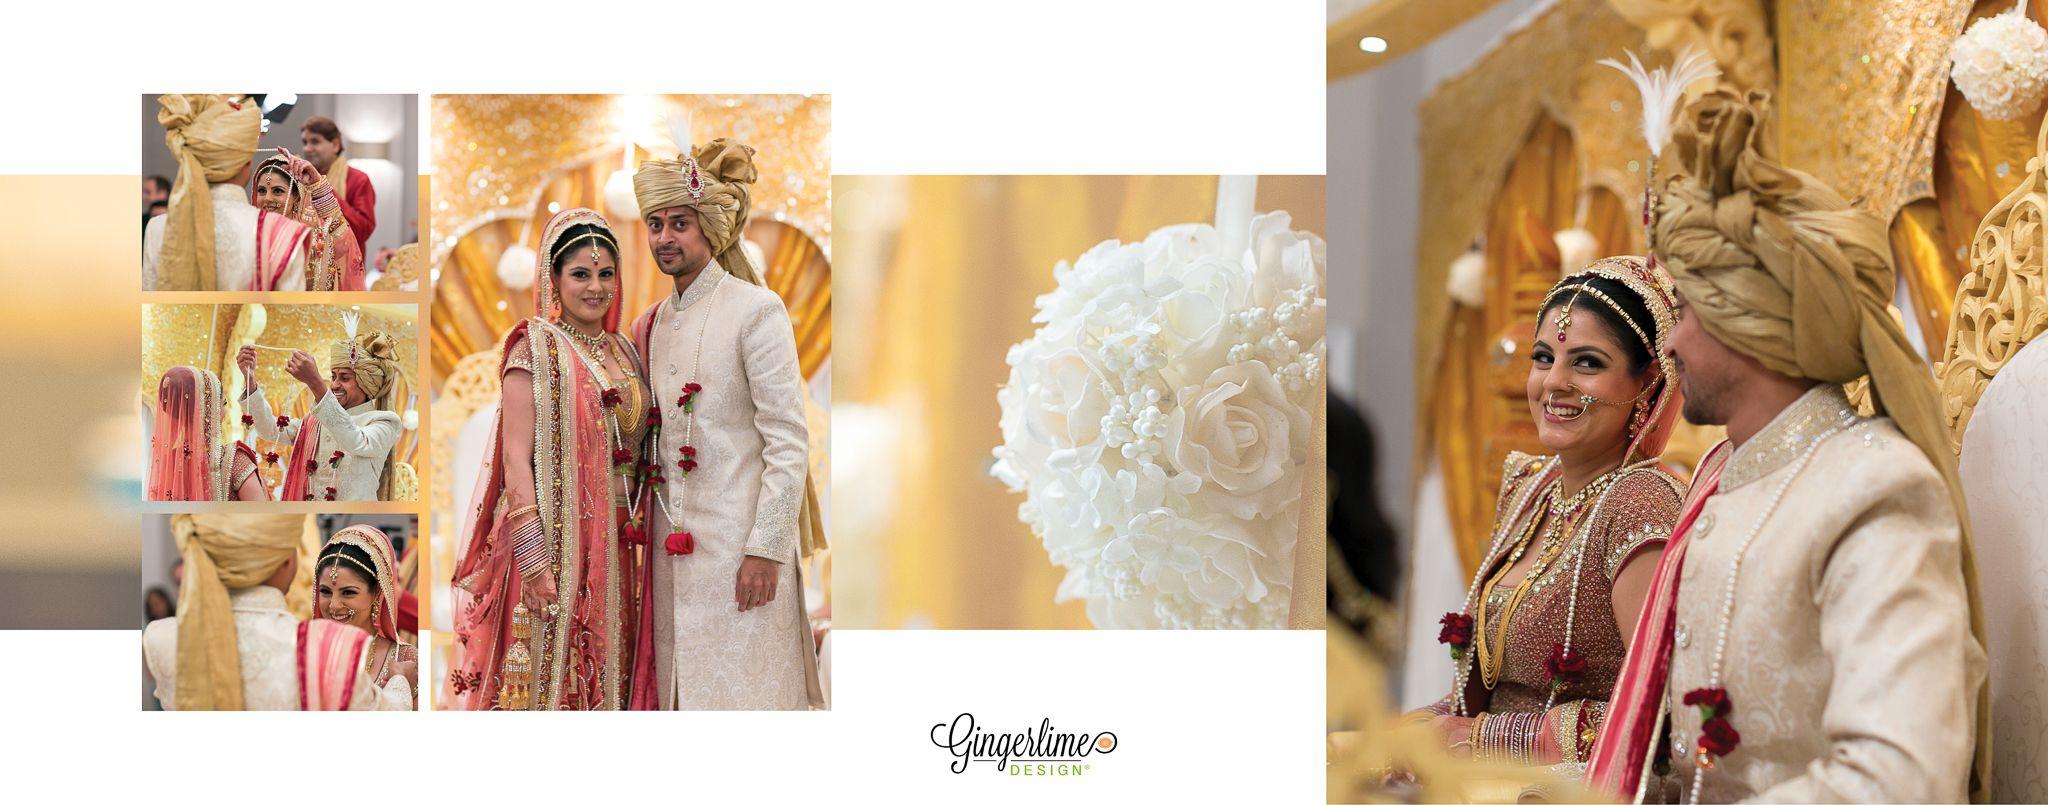 Hindu Wedding Indian Bride Bride And Groom Asian Wedding Inspo Indian Wedding Album Design Wedding Album Design Layout Wedding Album Cover Design